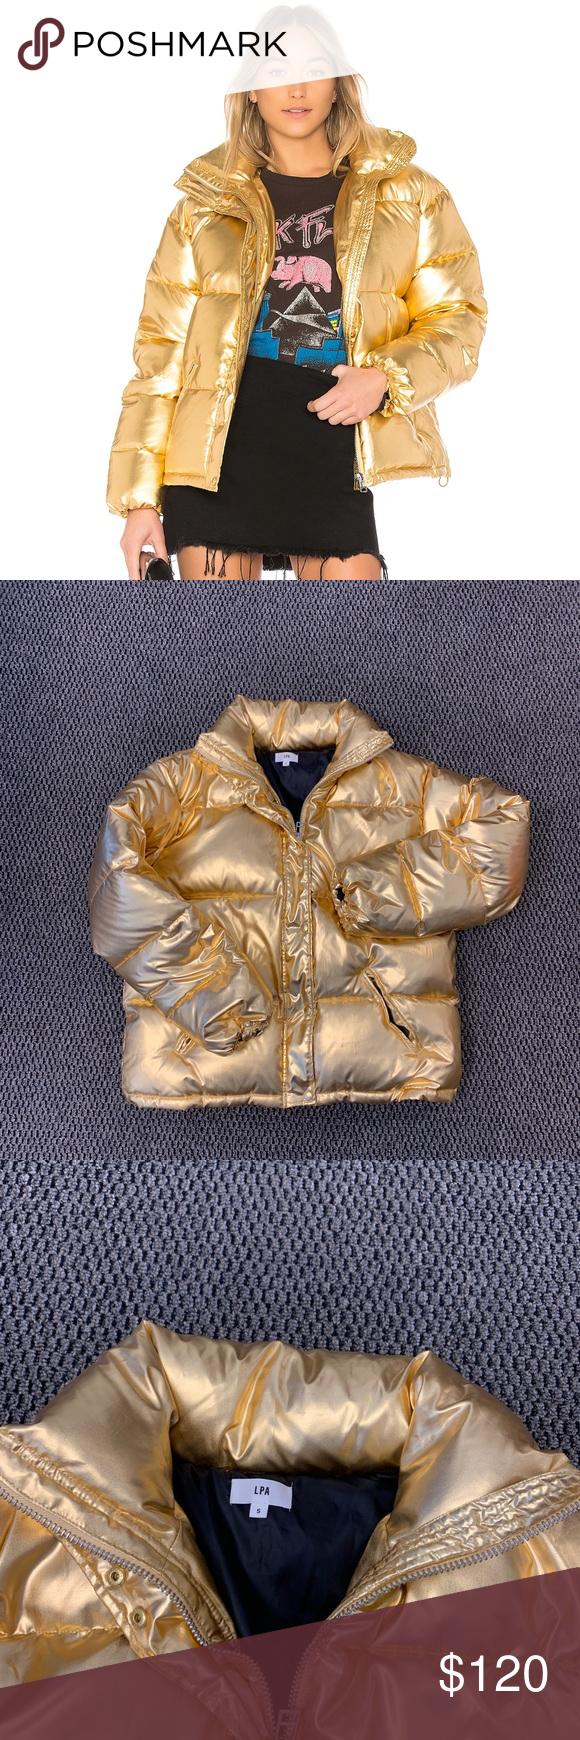 Lpa Puffer Jacket Jackets Puffer Jackets Puffer [ 1740 x 580 Pixel ]